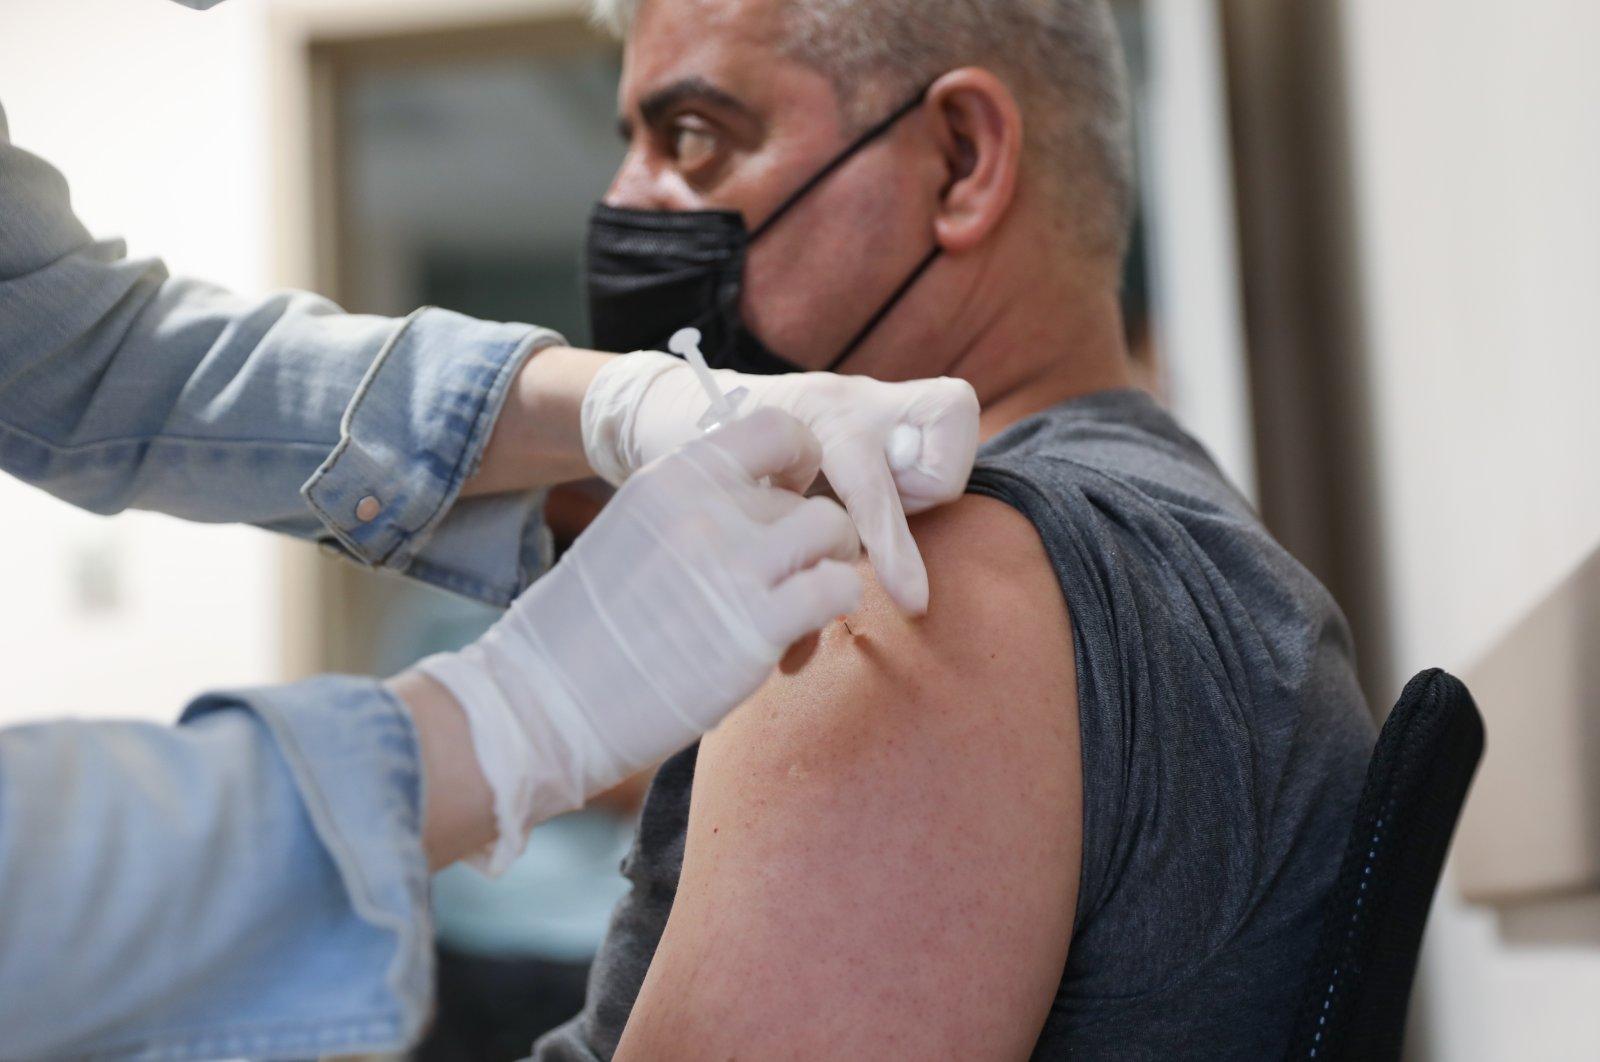 Turkey surpasses 35M coronavirus vaccine shots administered